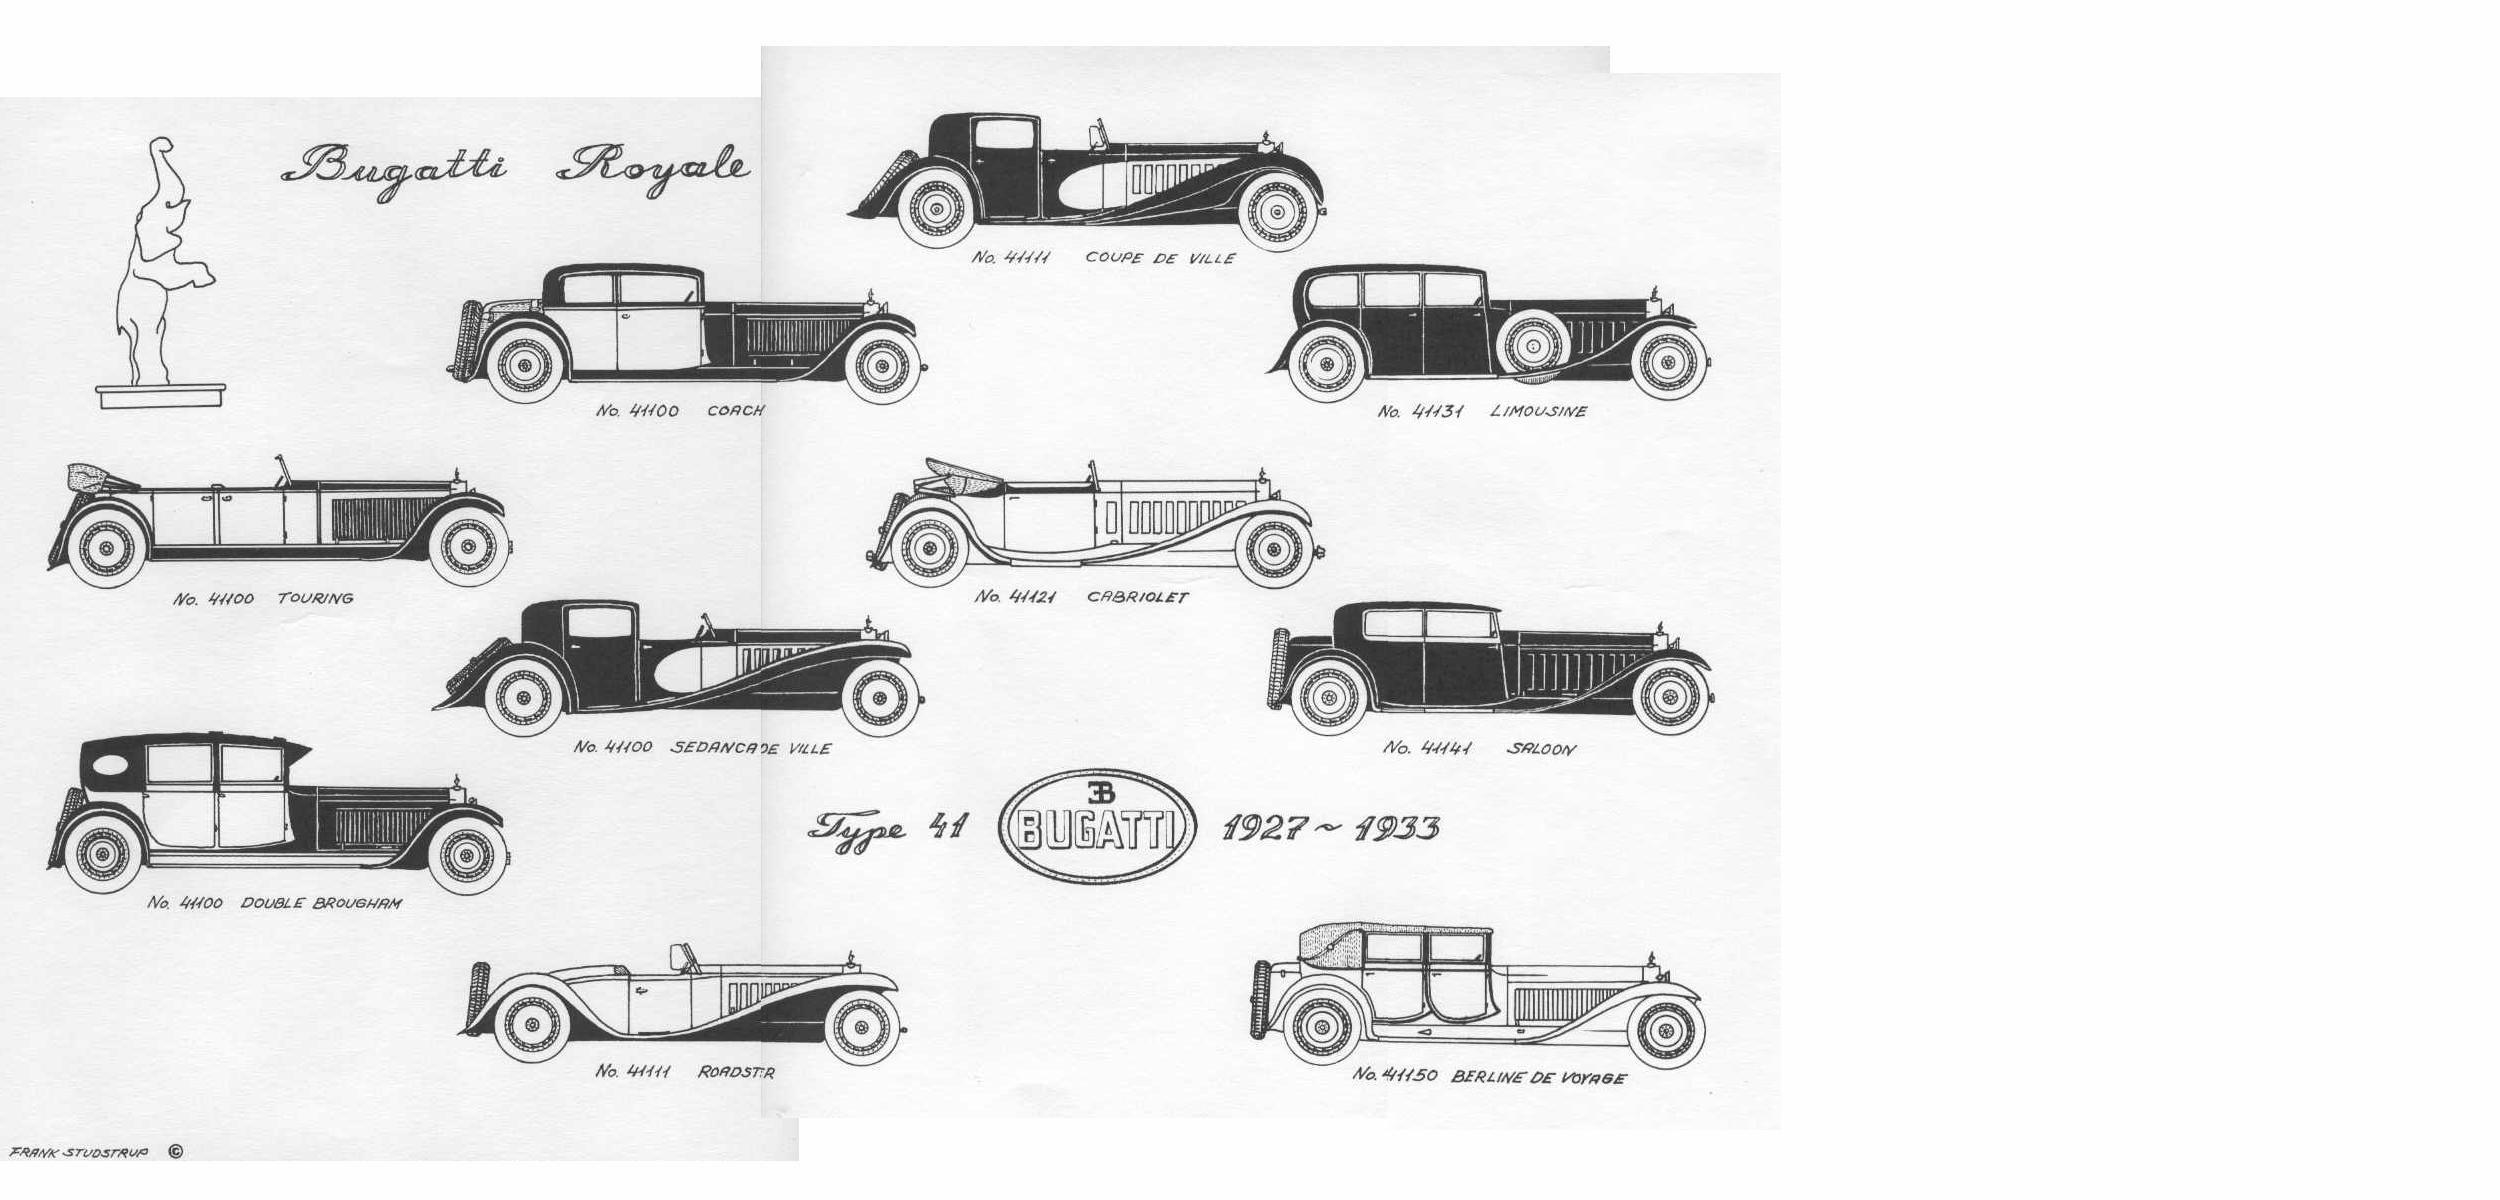 emerging Bugatti fan.